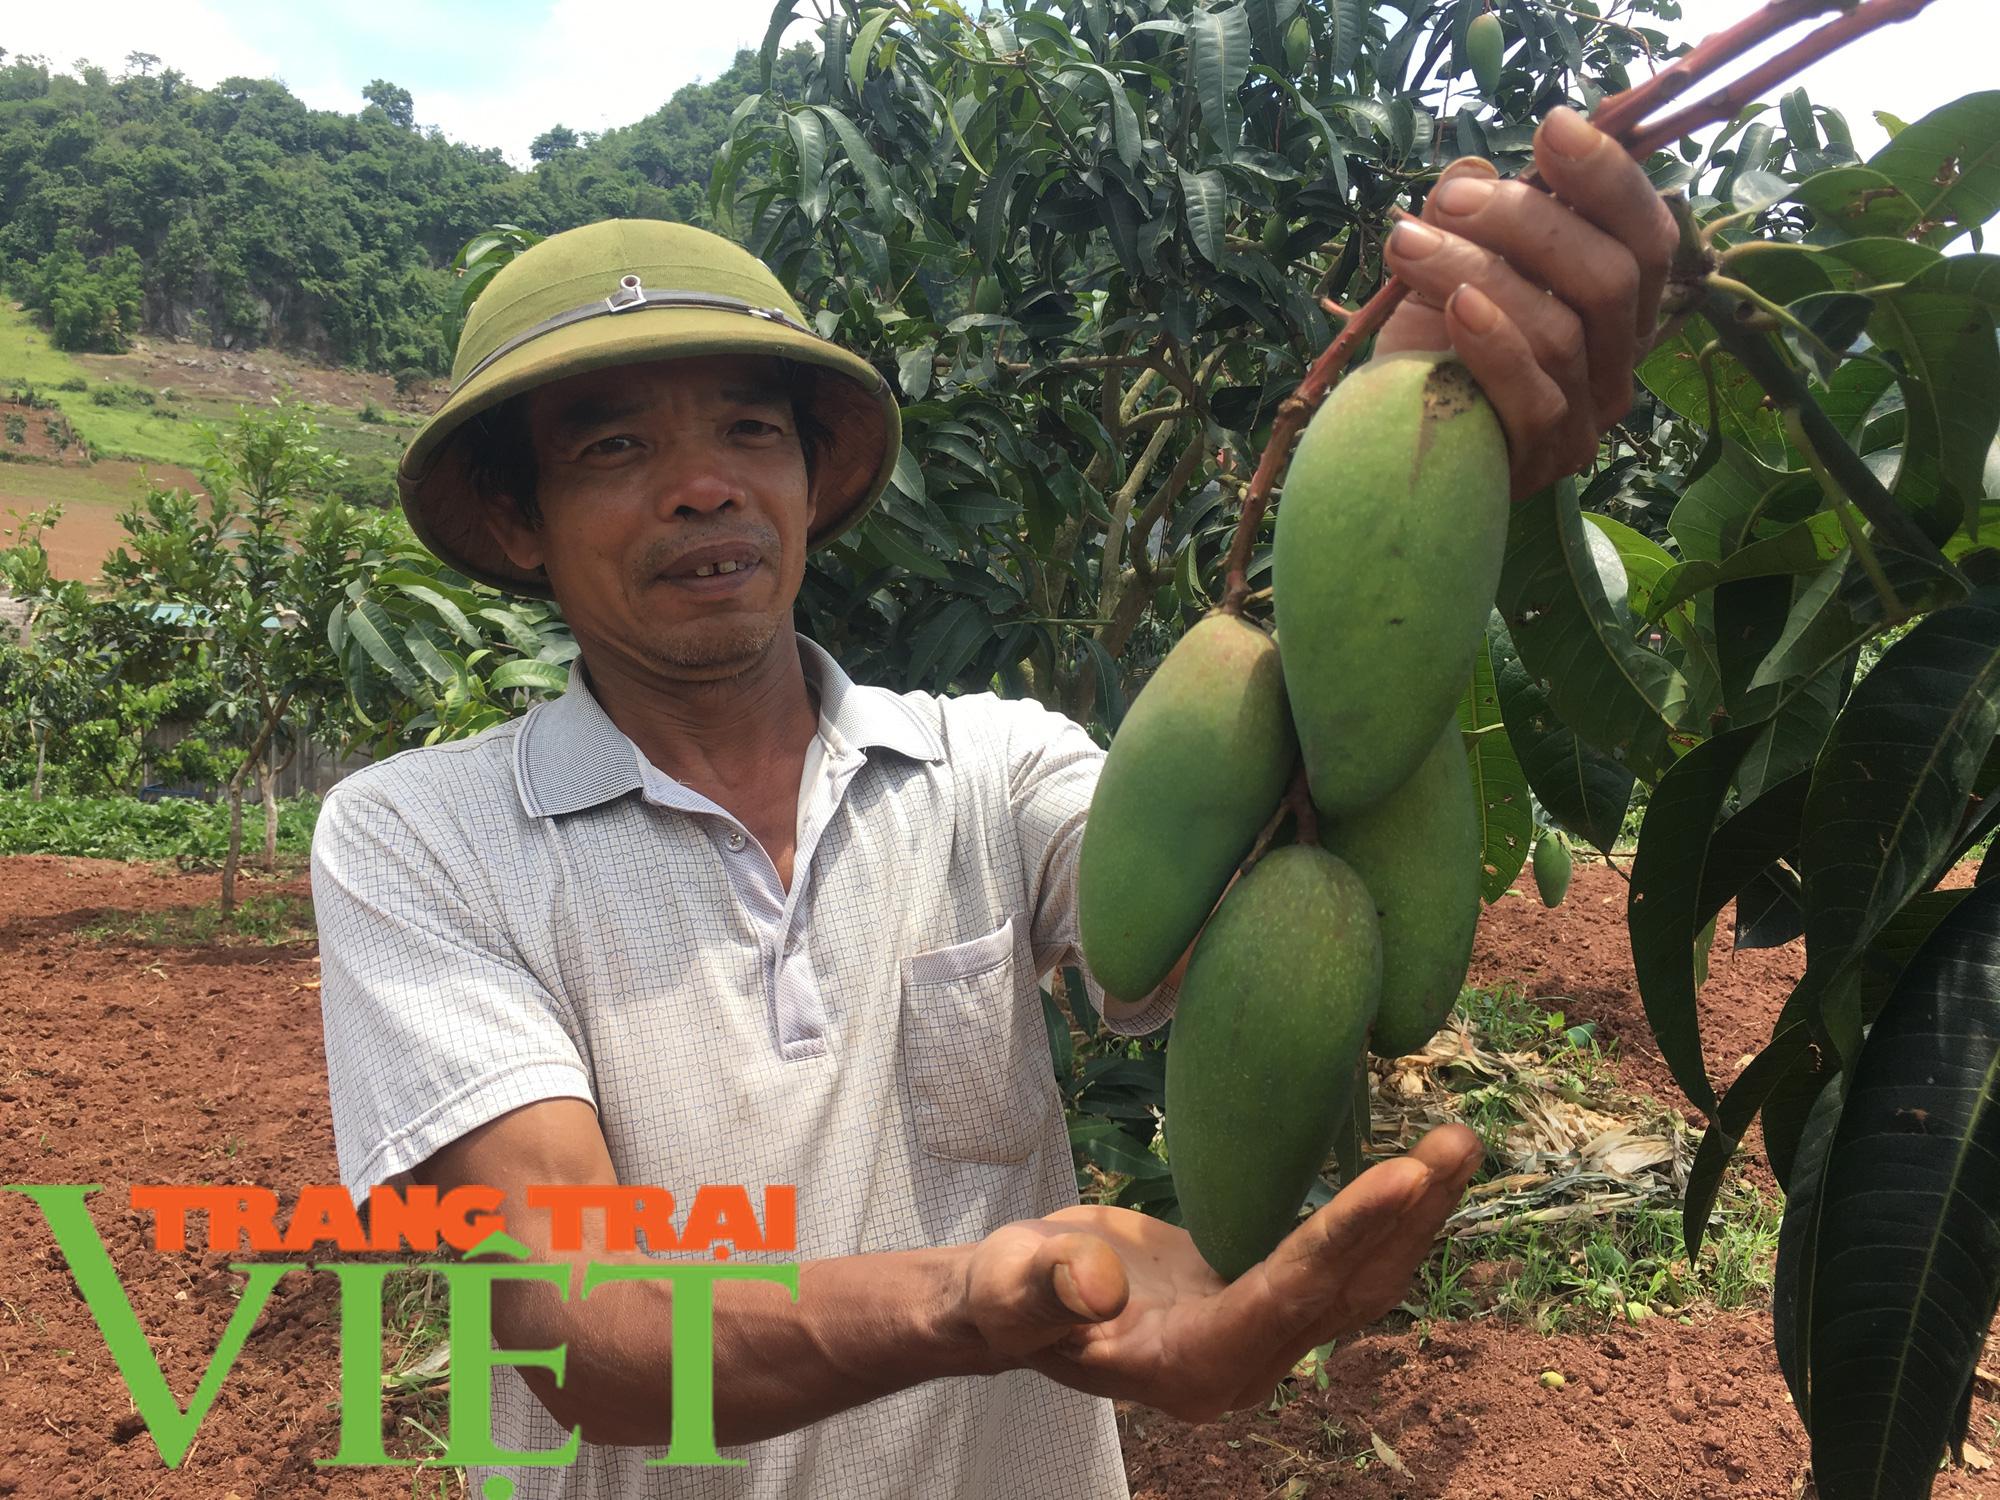 Mộc Châu phát triển nông nghiệp hữu cơ, hướng đi bền vững cho nông dân  - Ảnh 5.